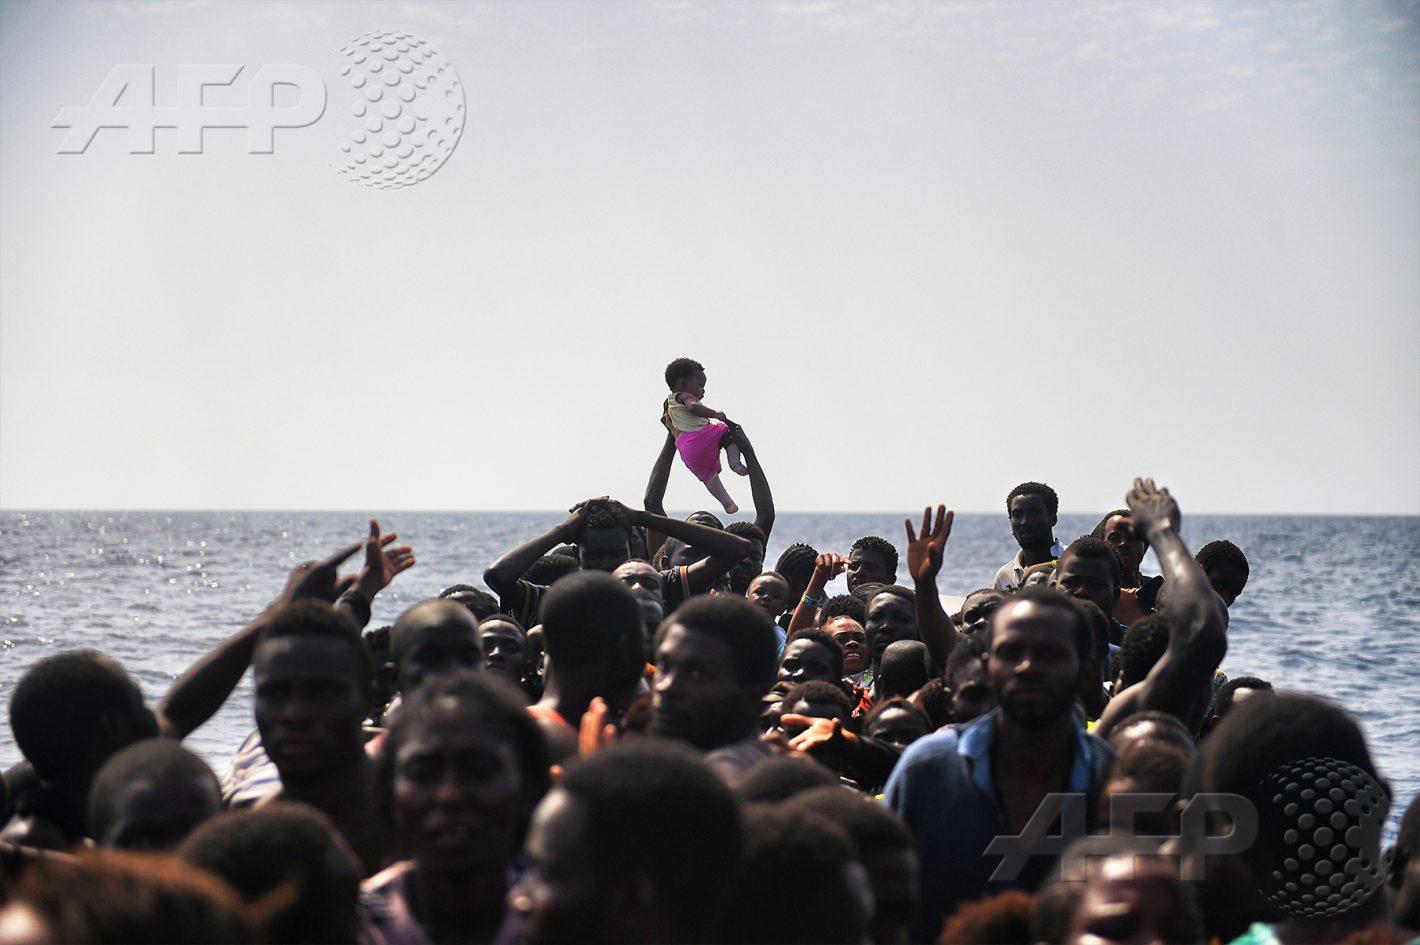 AFP 19 / LIBYE 4 octobre 2016 - Au large des côtes libyennes - Un enfant passe de main en main alors que les migrants attendent d'être secourus par des membres de l'ONG Proactiva Open Arms, à 12 milles nautiques (22,22 km) au nord de la Libye. AFP / ARIS MESSINIS